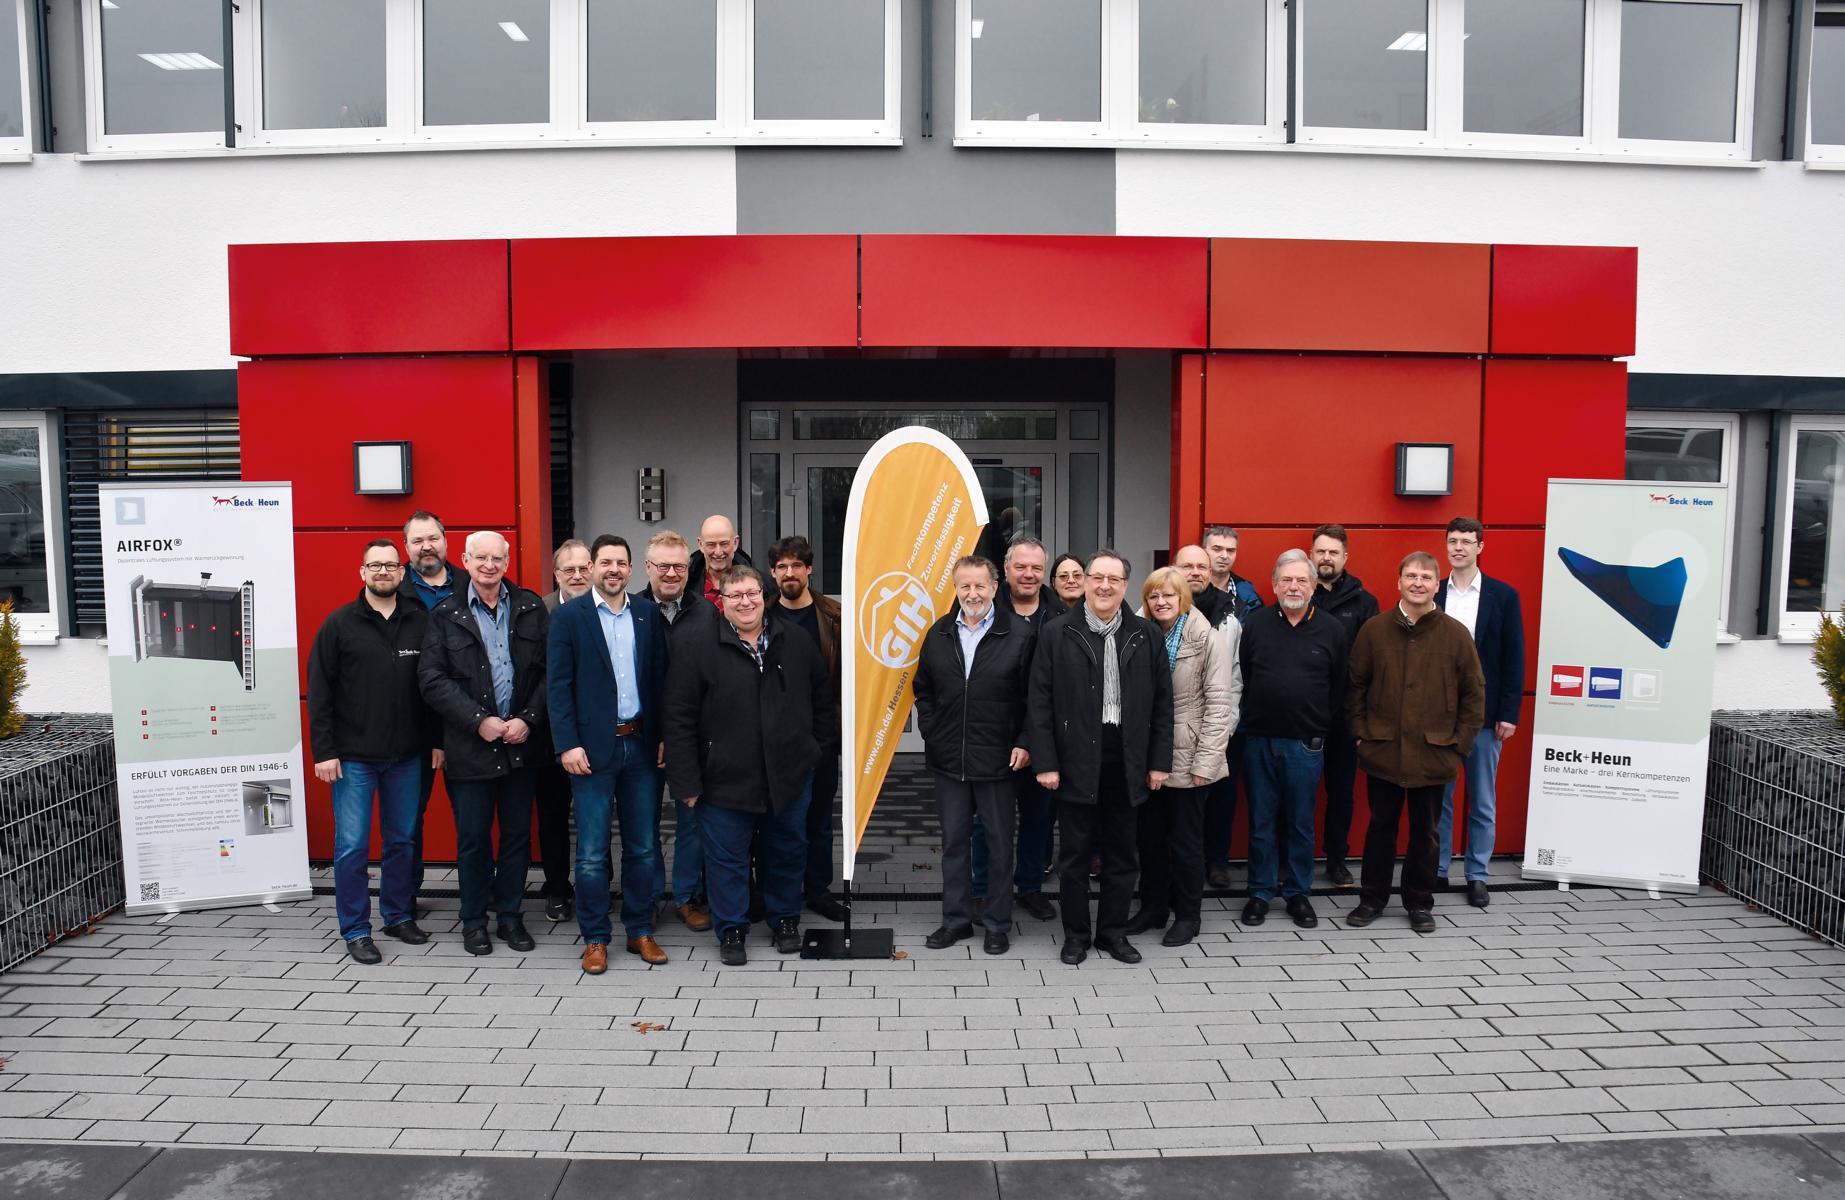 wo zu kaufen 60% Freigabe Gutscheincodes Mitgliederversammlung des GIH Hessen bei Beck+Heun - GIH Hessen